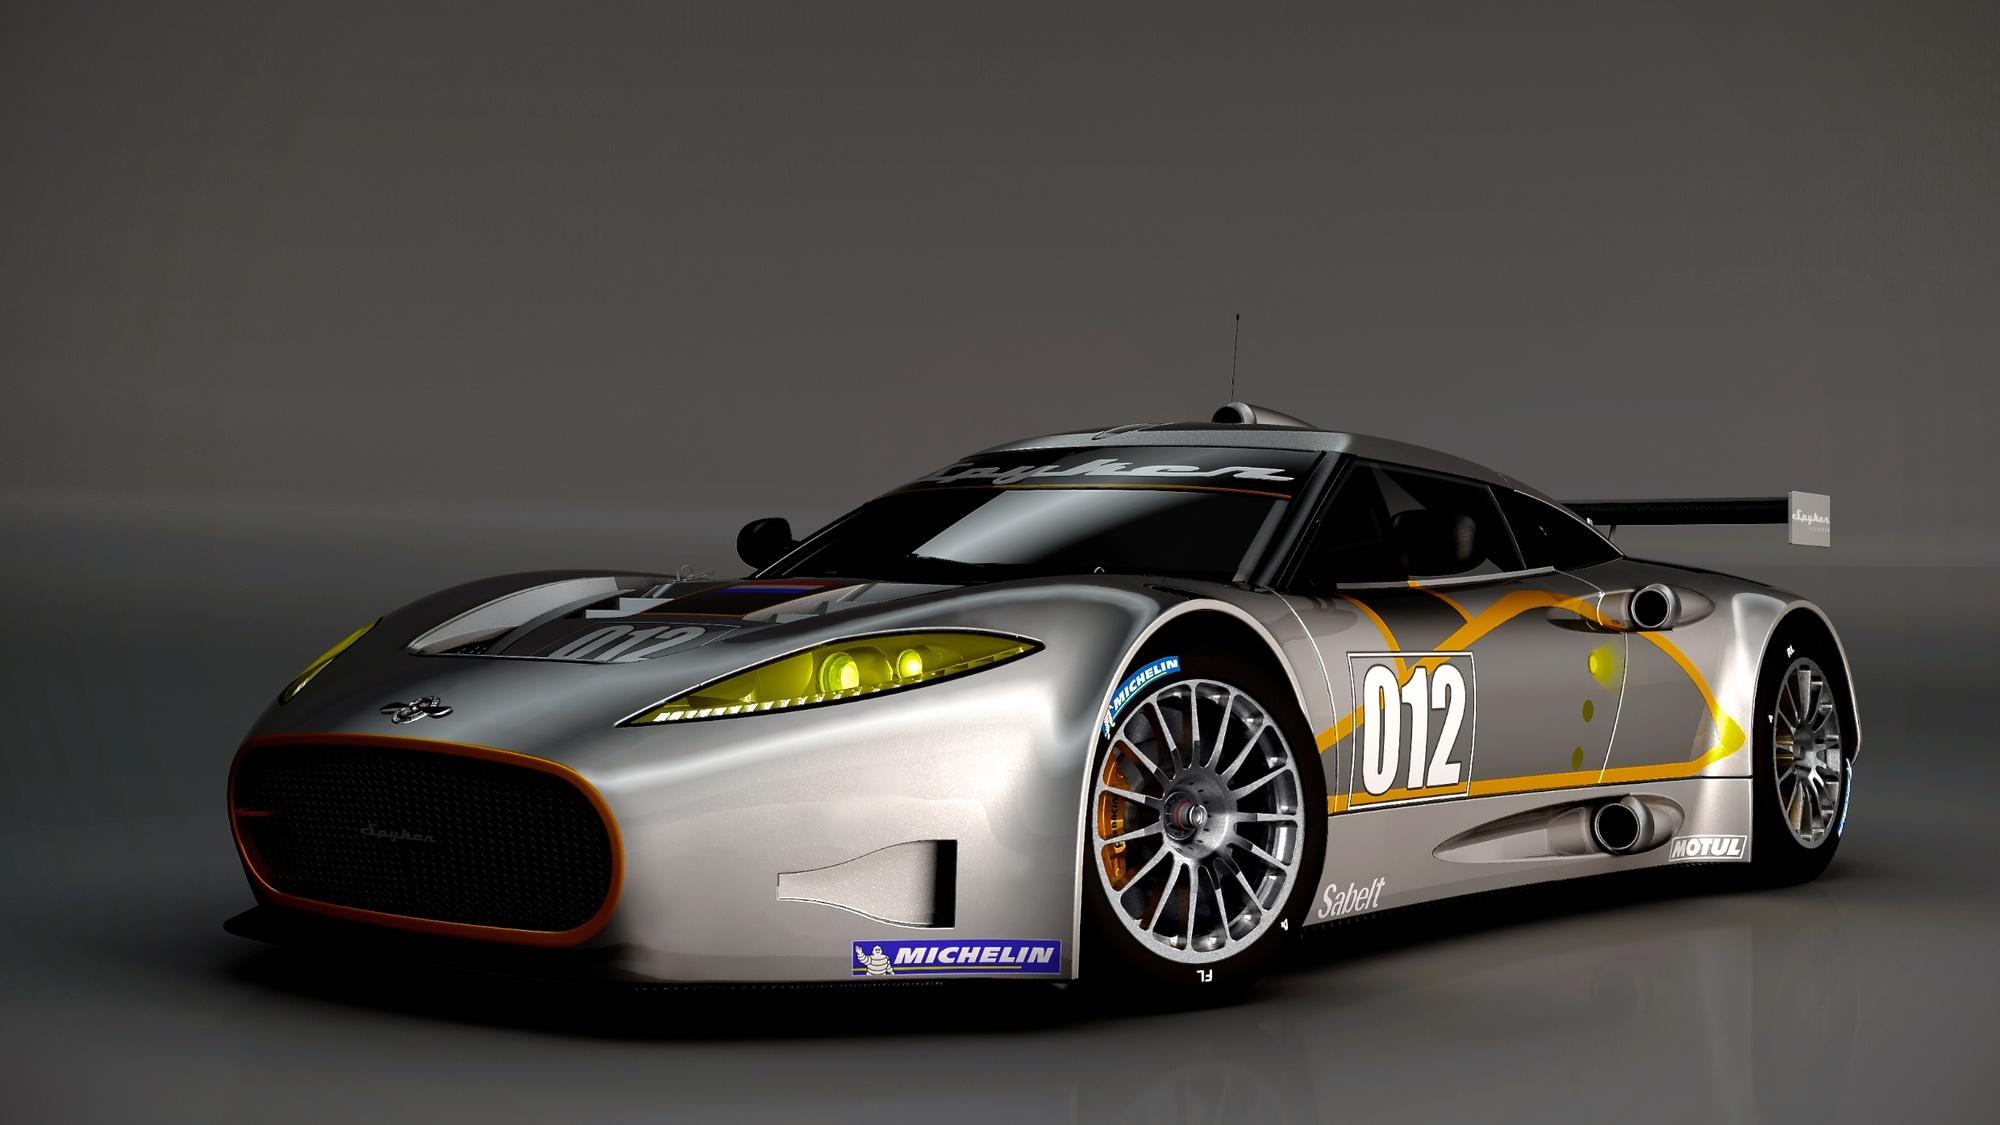 Spyker C8 Aileron GT race car preview